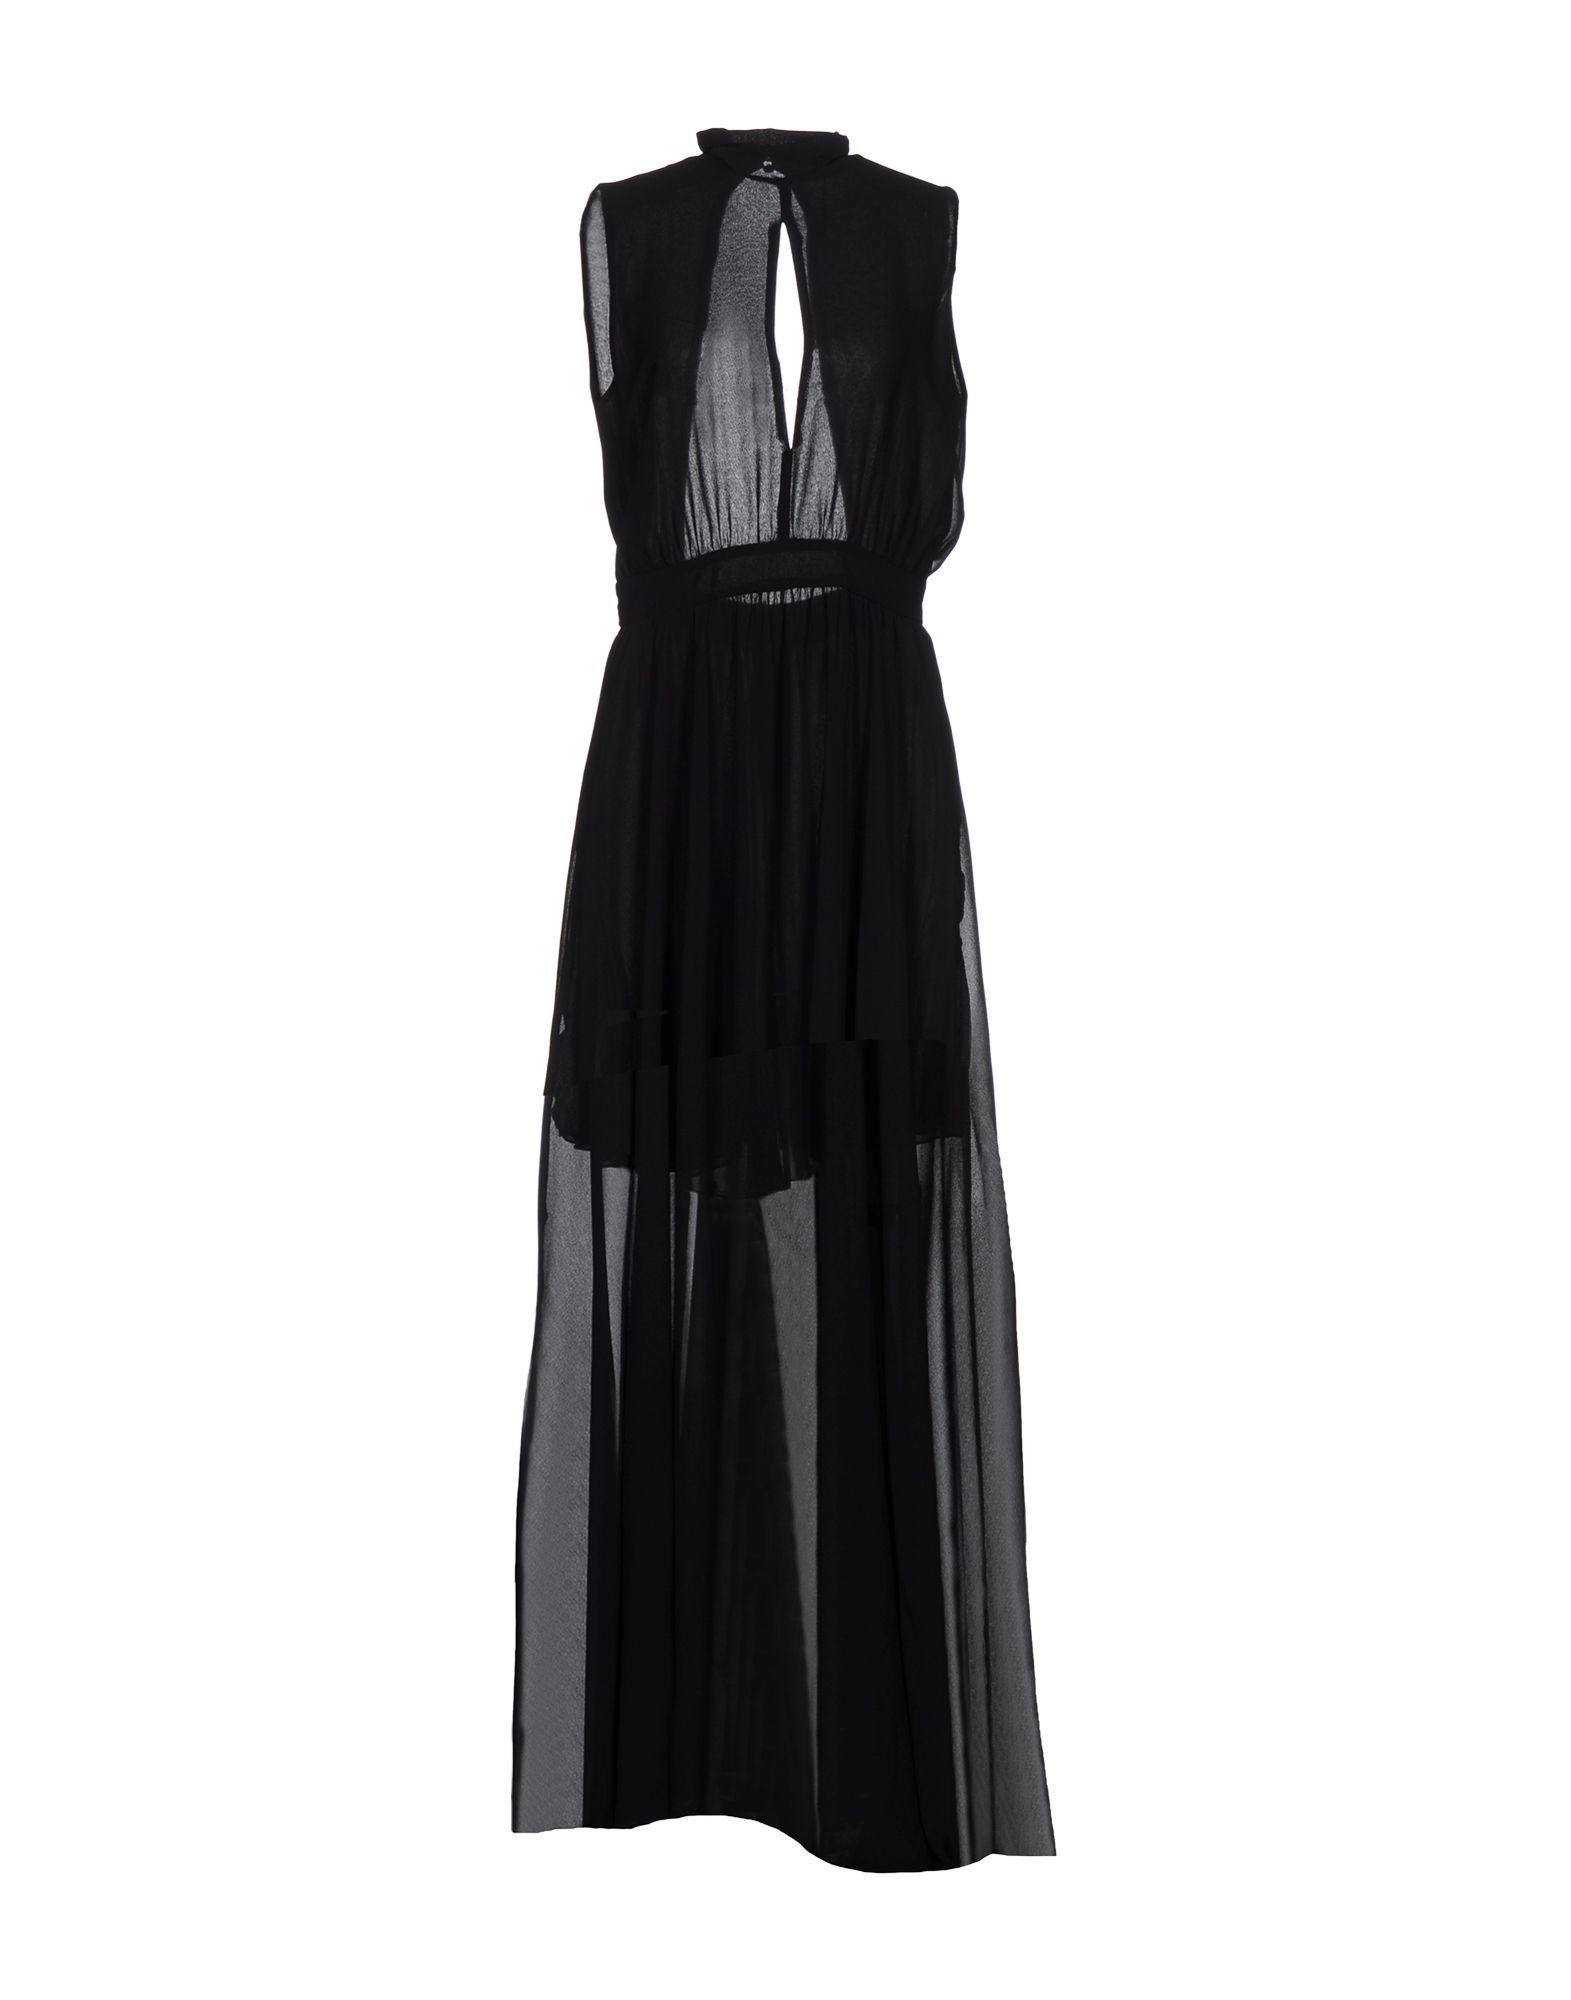 《期間限定セール開催中!》LADY CHOCOPIE レディース ロングワンピース&ドレス ブラック S 100% ポリエステル